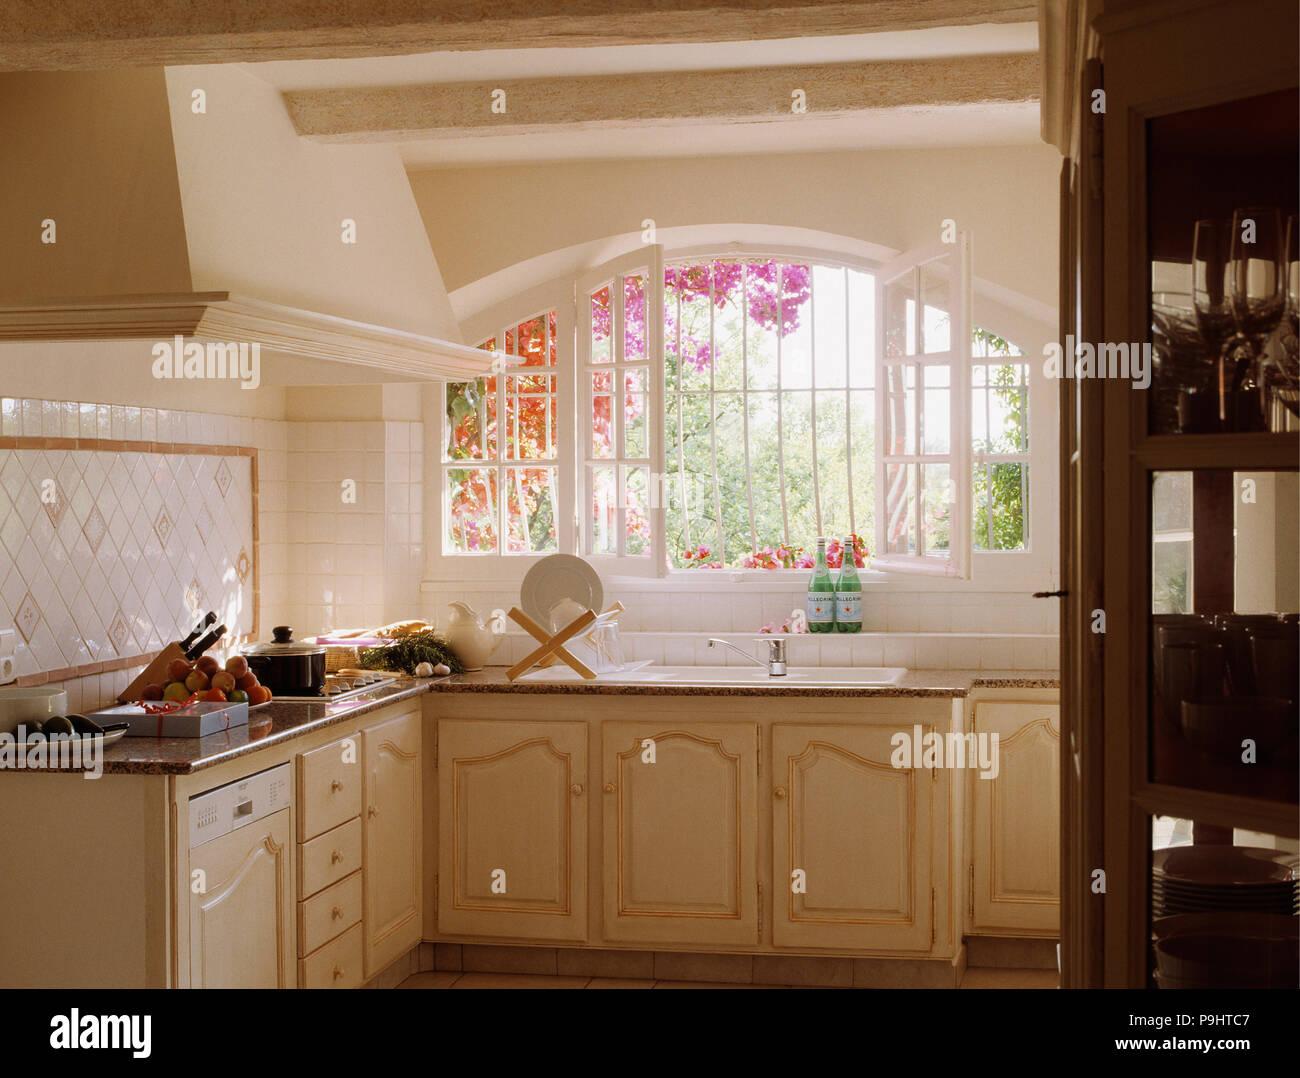 Crema paese francese cucina con lavello sotto la finestra aperta per ...